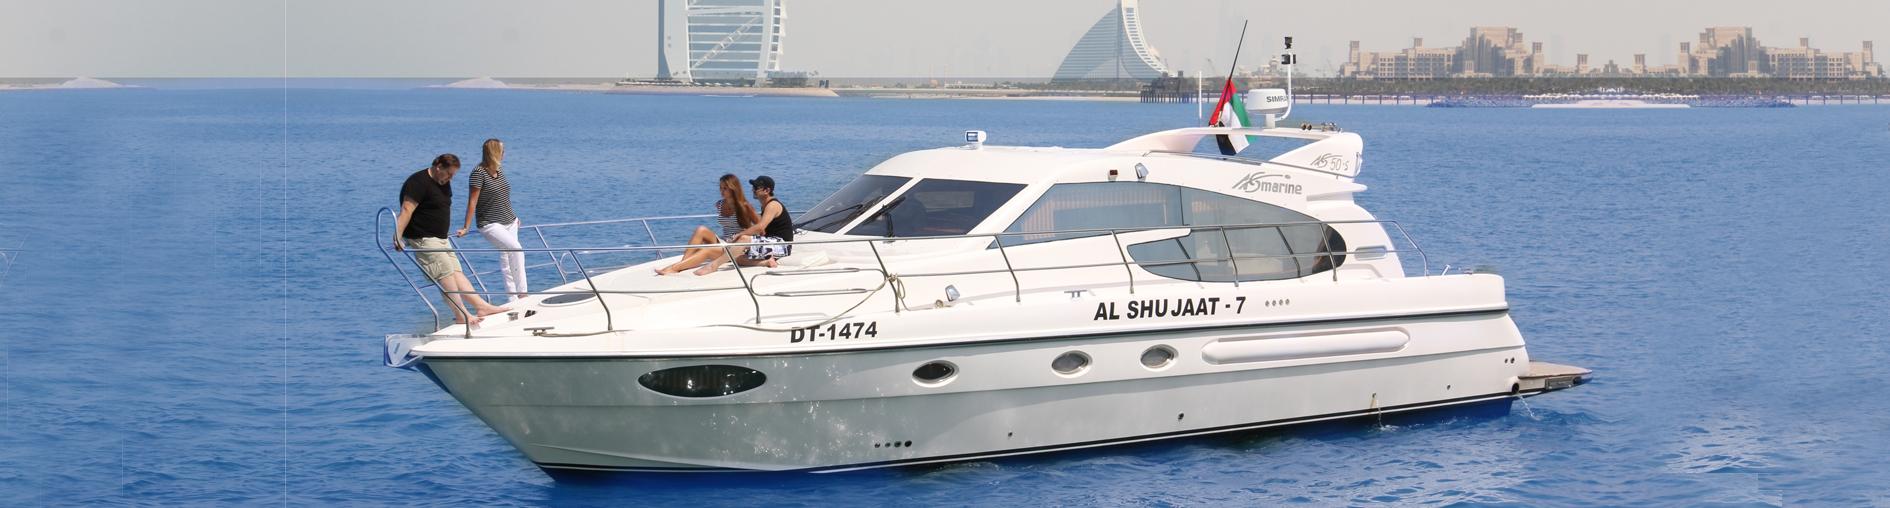 http://www.cruiseindubai.com/wp-content/uploads/2013/12/15.jpg